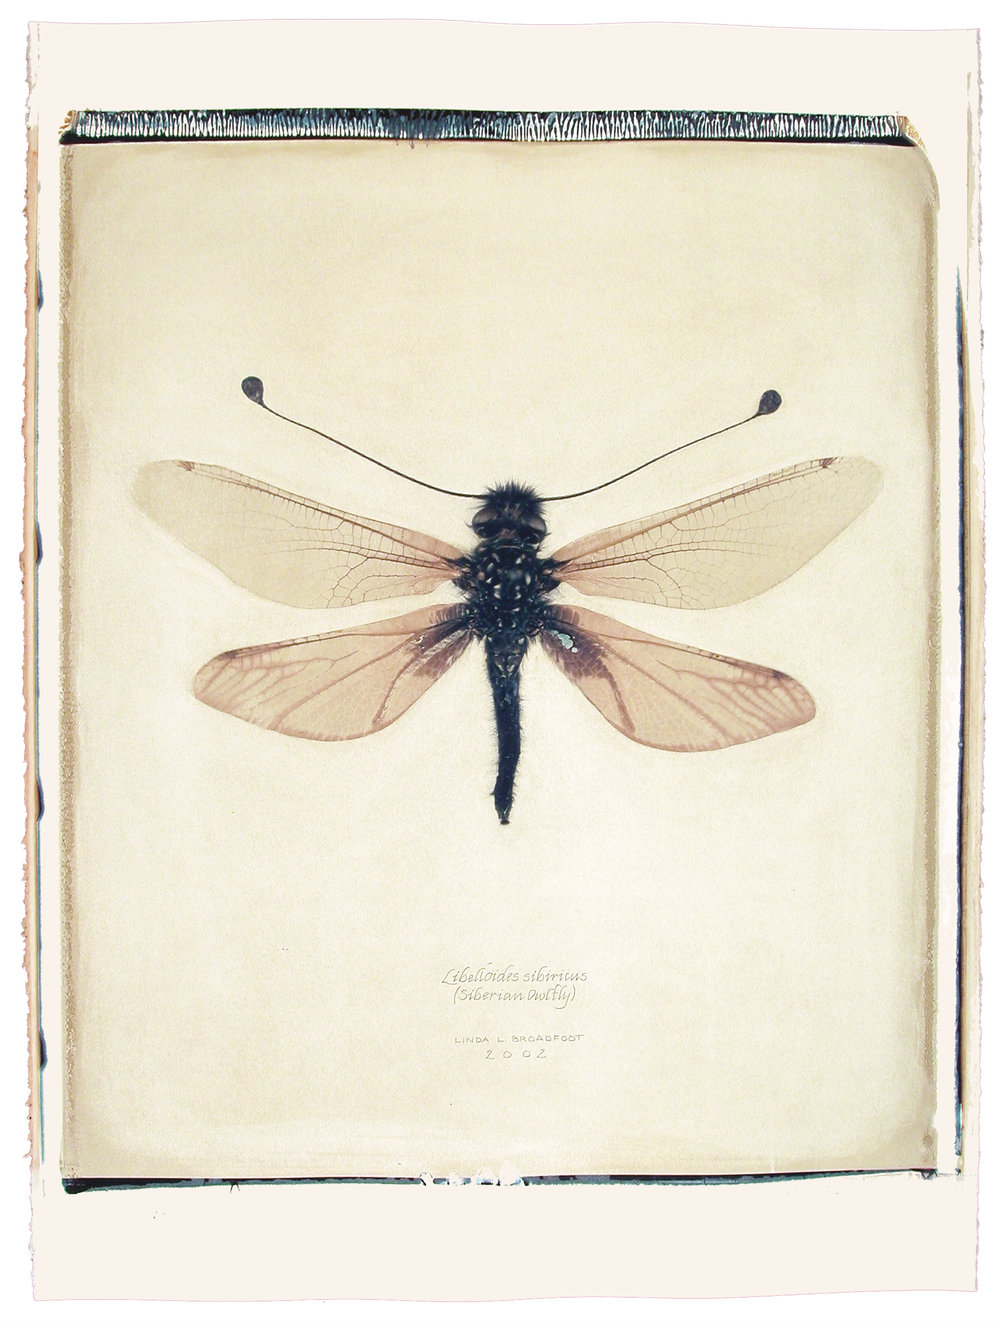 Libelloides sibericus  (Siberian Owlfly), 2002